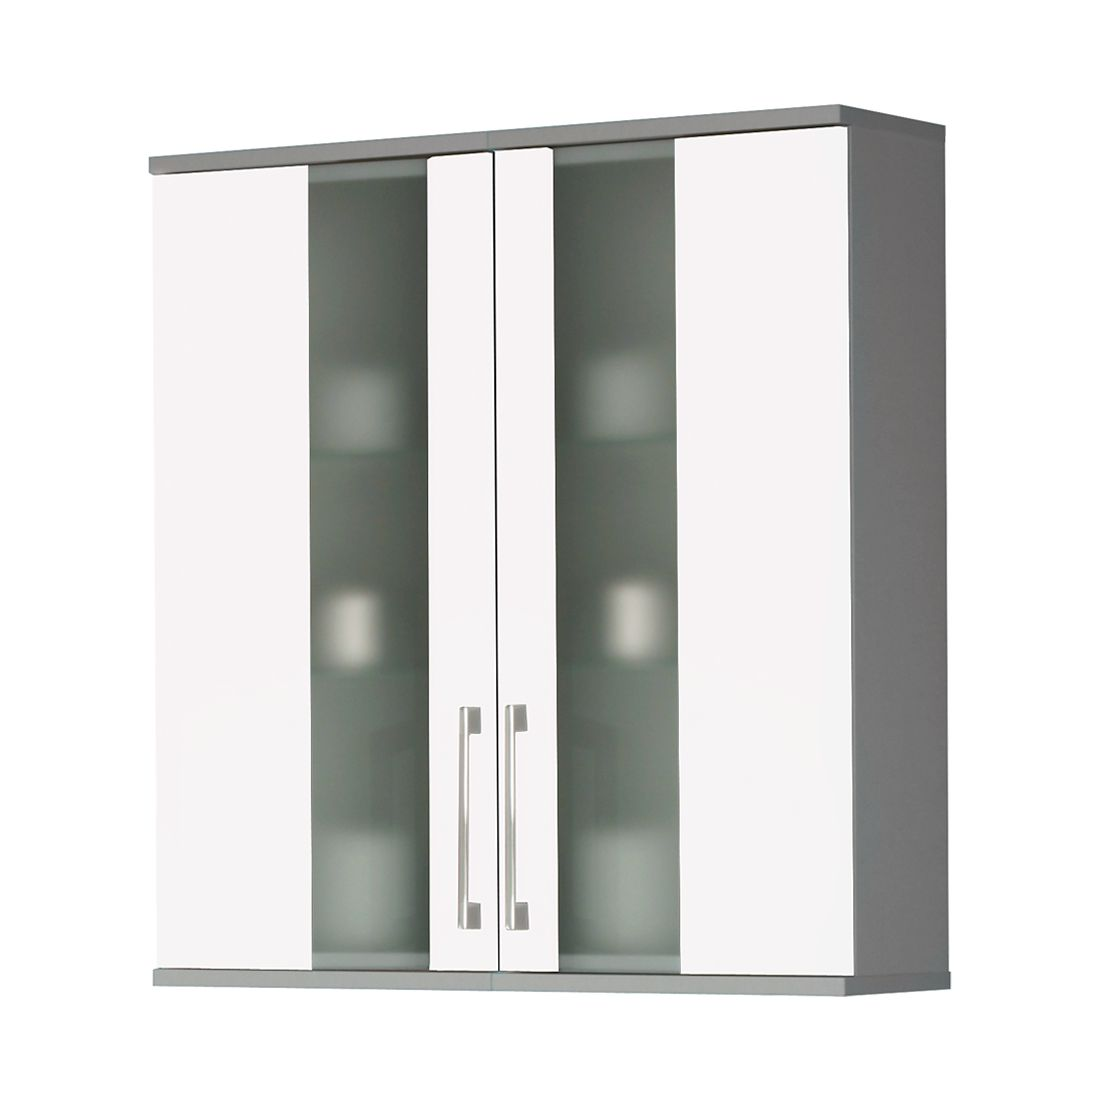 Armoire suspendue Treviso - Modèle large - Blanc / Couleur aluminium, Kesper Badmöbel